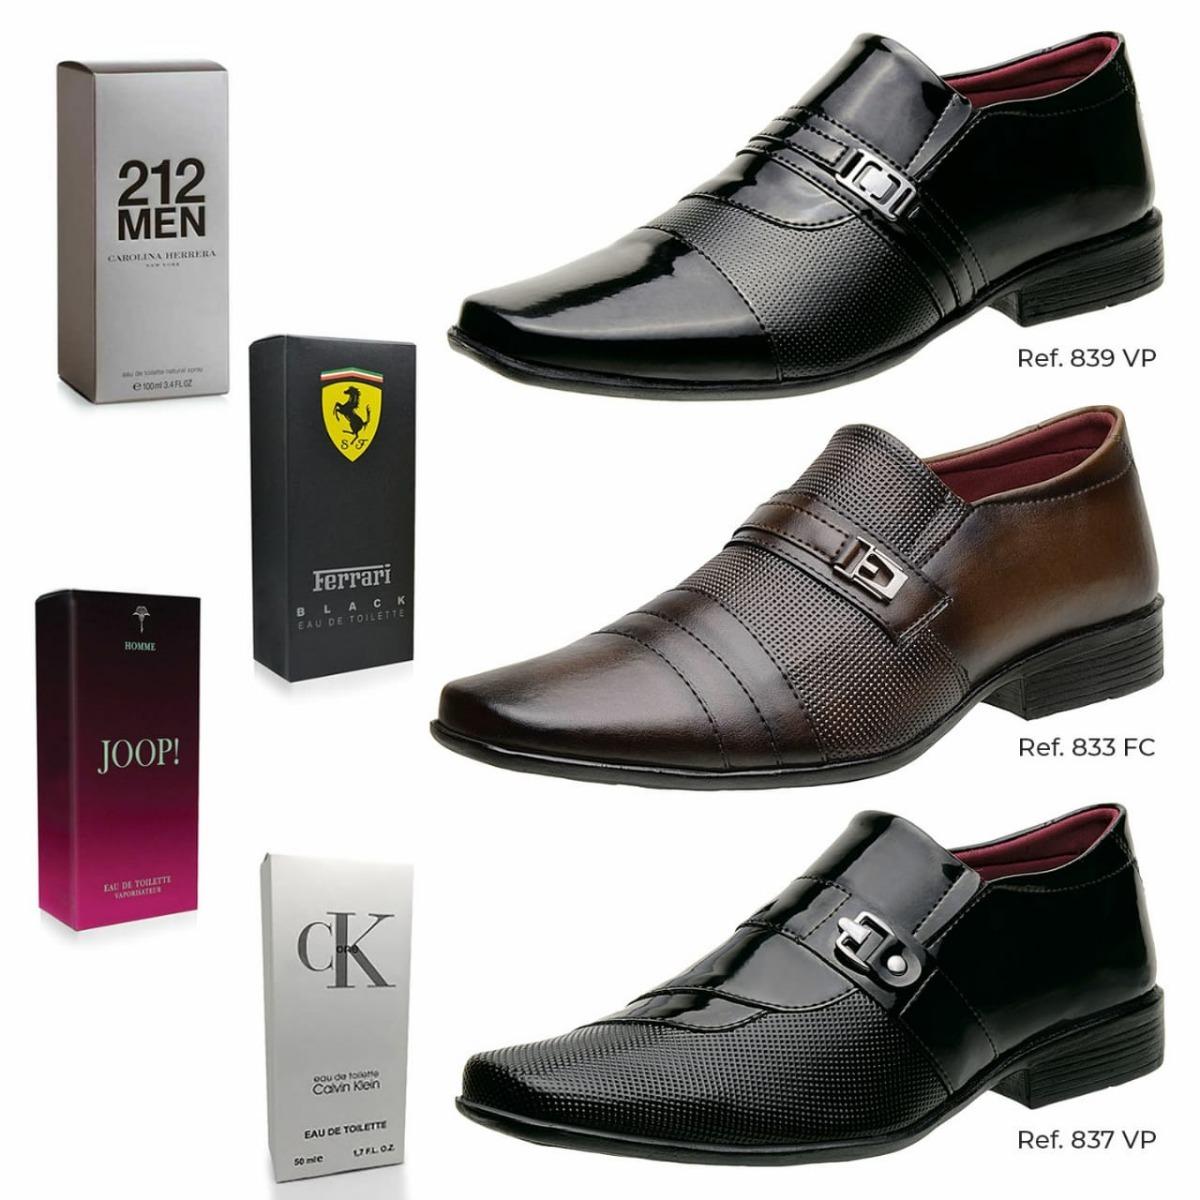 b7494ea87 kit top 3 pares sapatos social conforto masculino+ 1 brinde. Carregando  zoom.